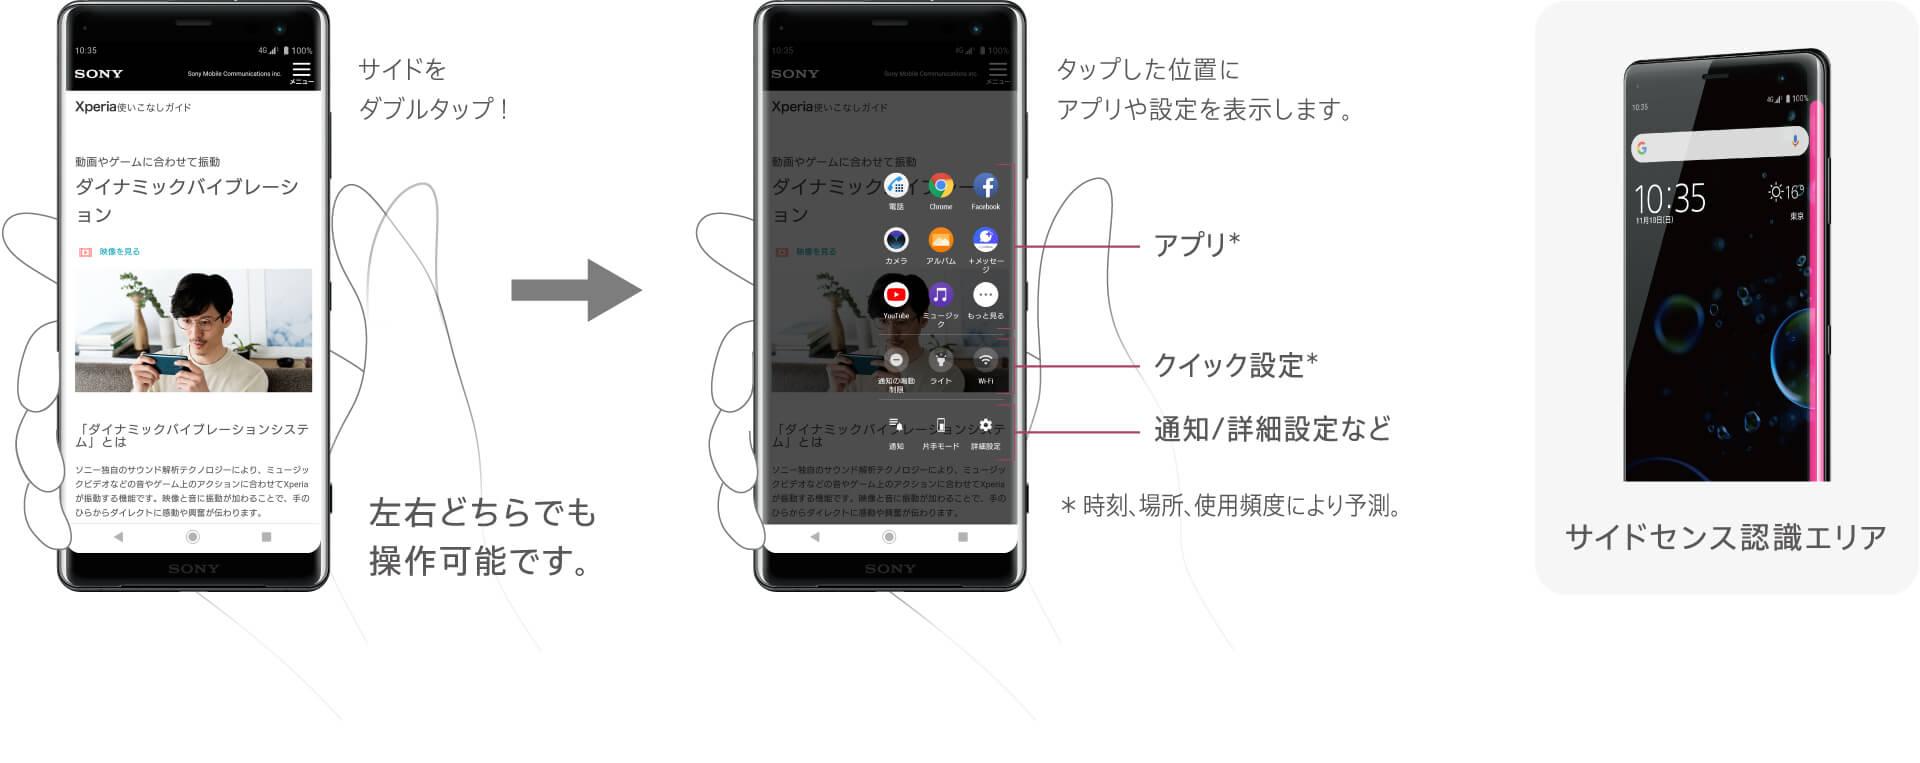 Xperia XZ3 操作性の紹介